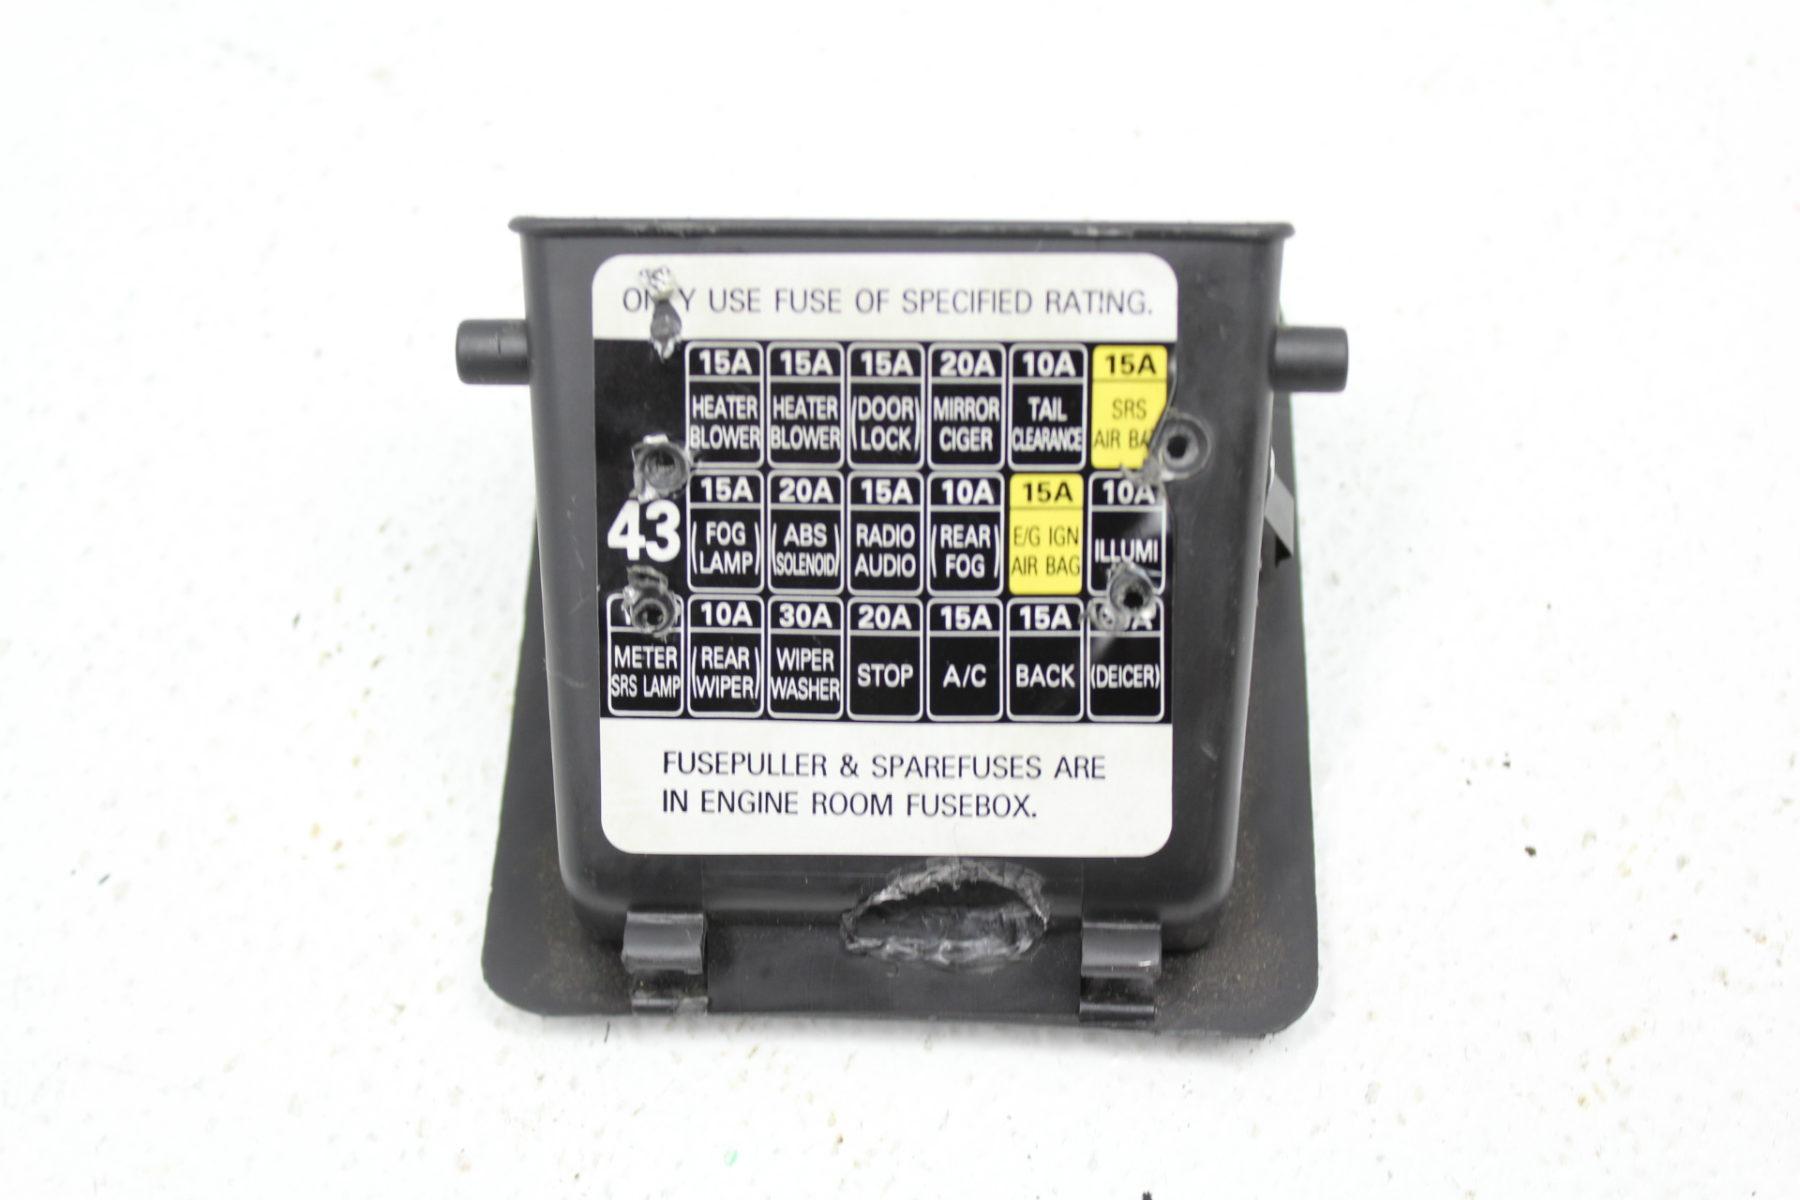 2002-2005 subaru impreza wrx & sti under dash interior fuse box ... 2002 subaru wrx fuse box location  subieautoparts.com